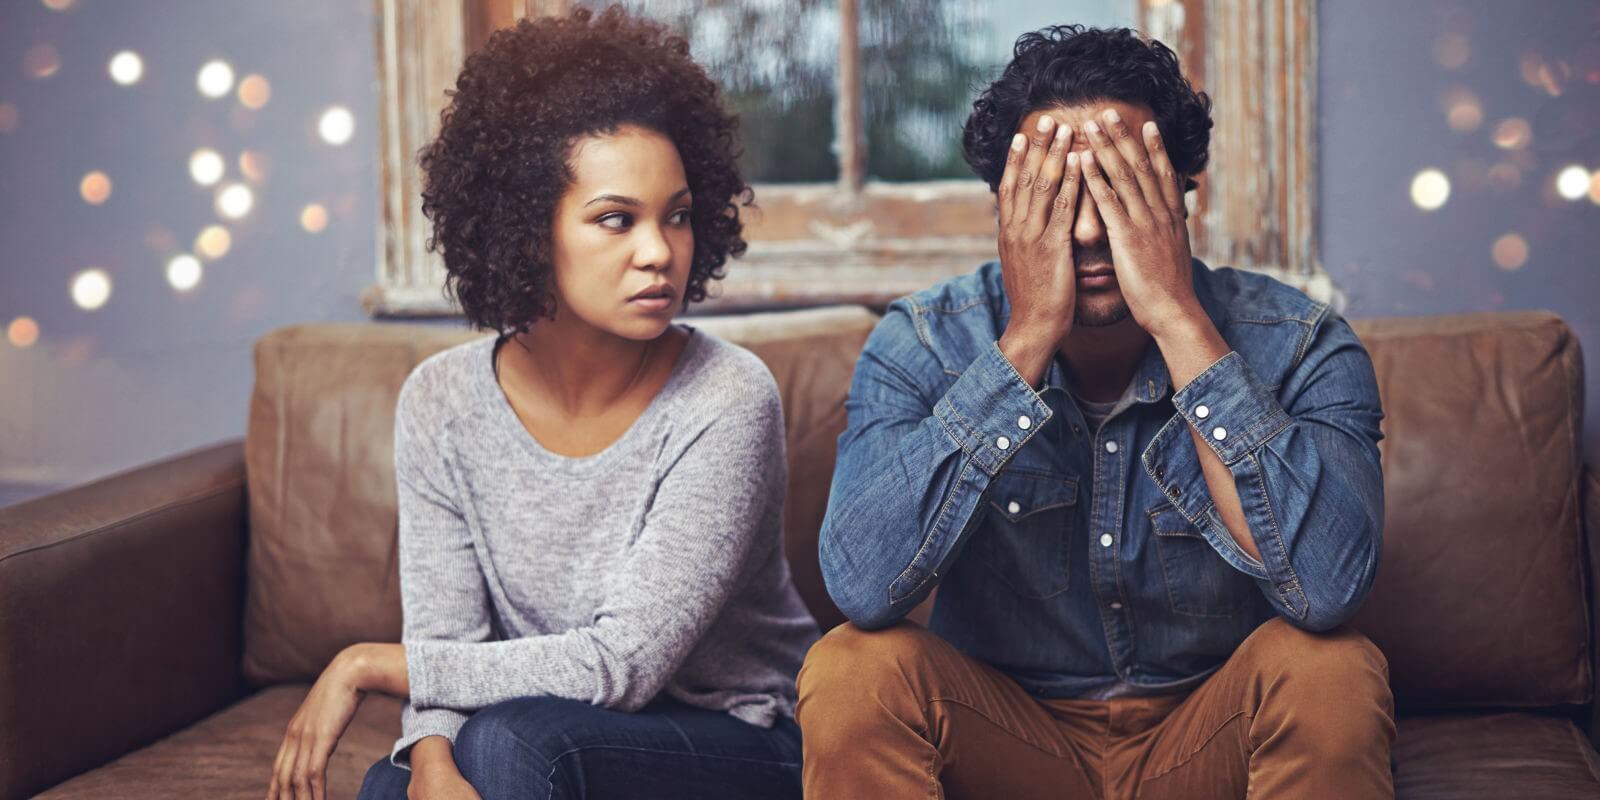 مردان در فشارهای روانی ایجادشده توسط زنان، دست به دامان دروغ میشوند